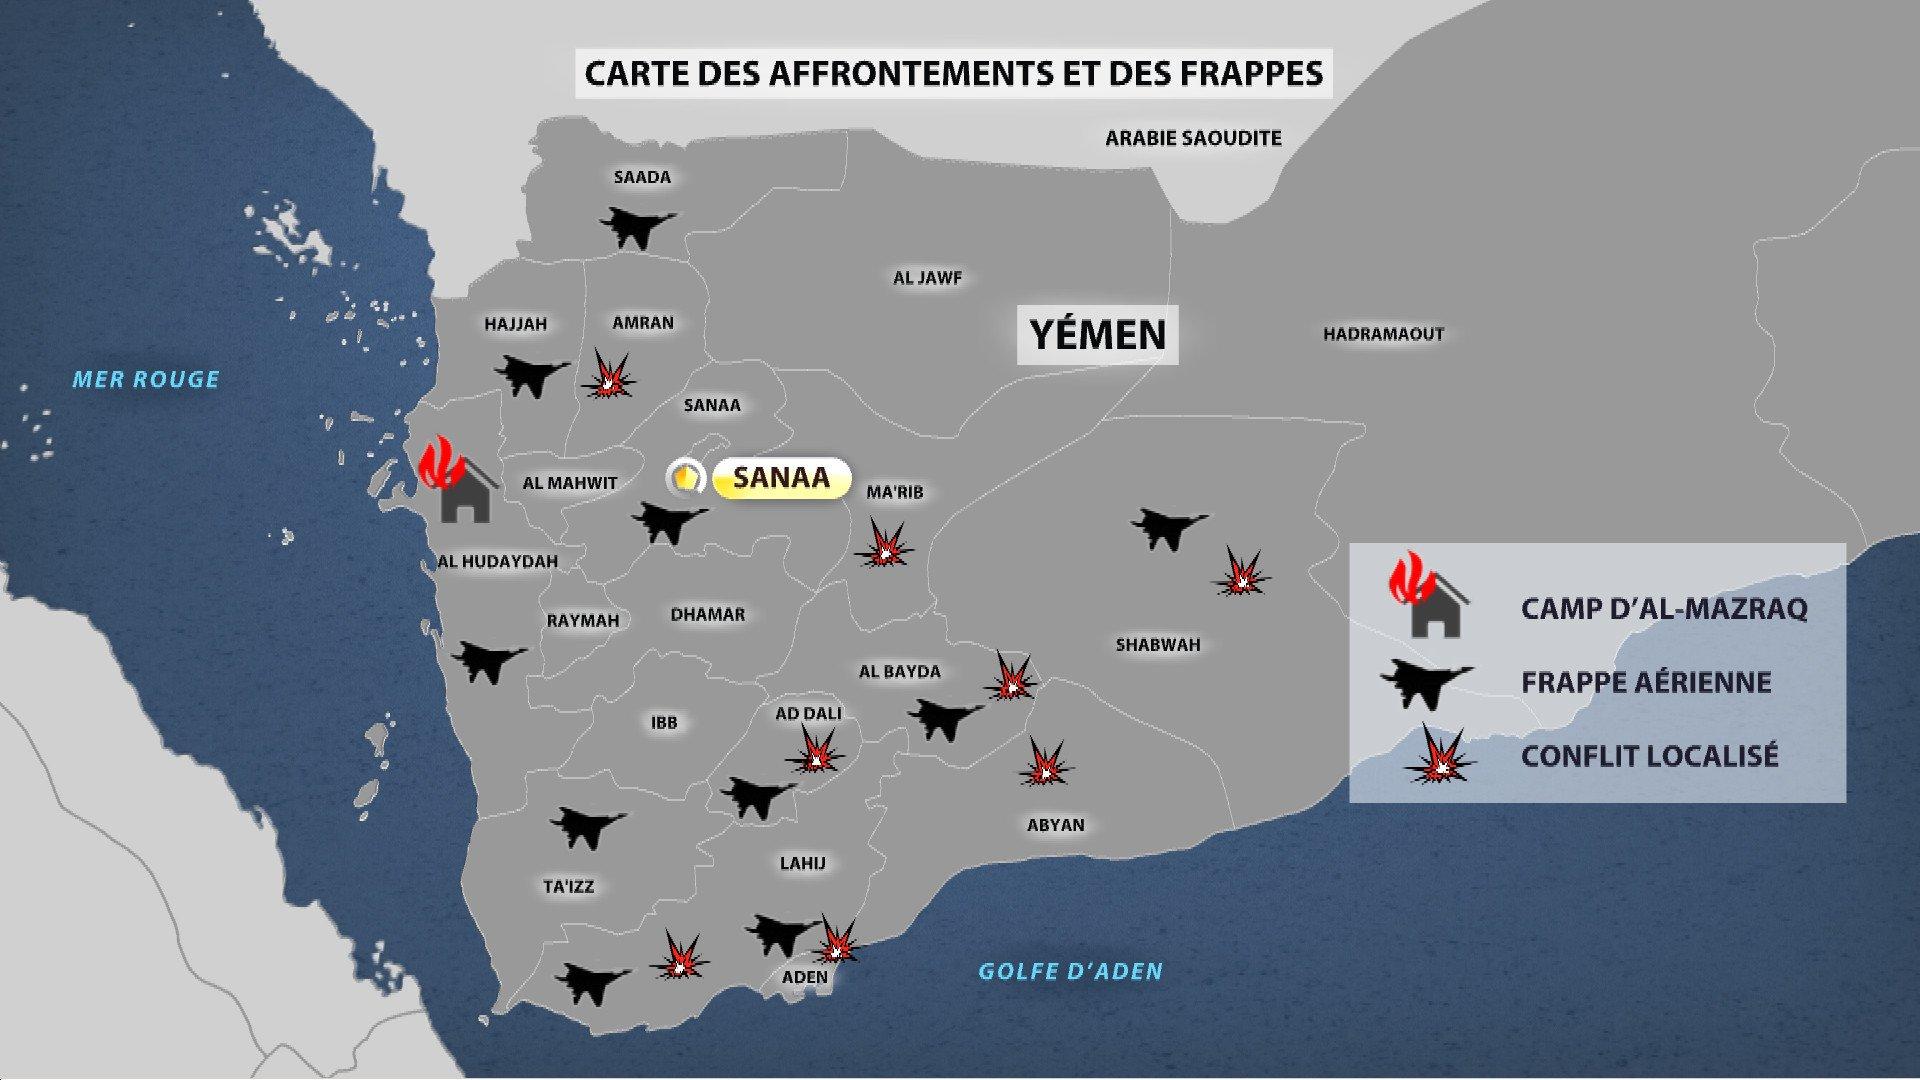 Carte des affrontements et des frappes au Yémén